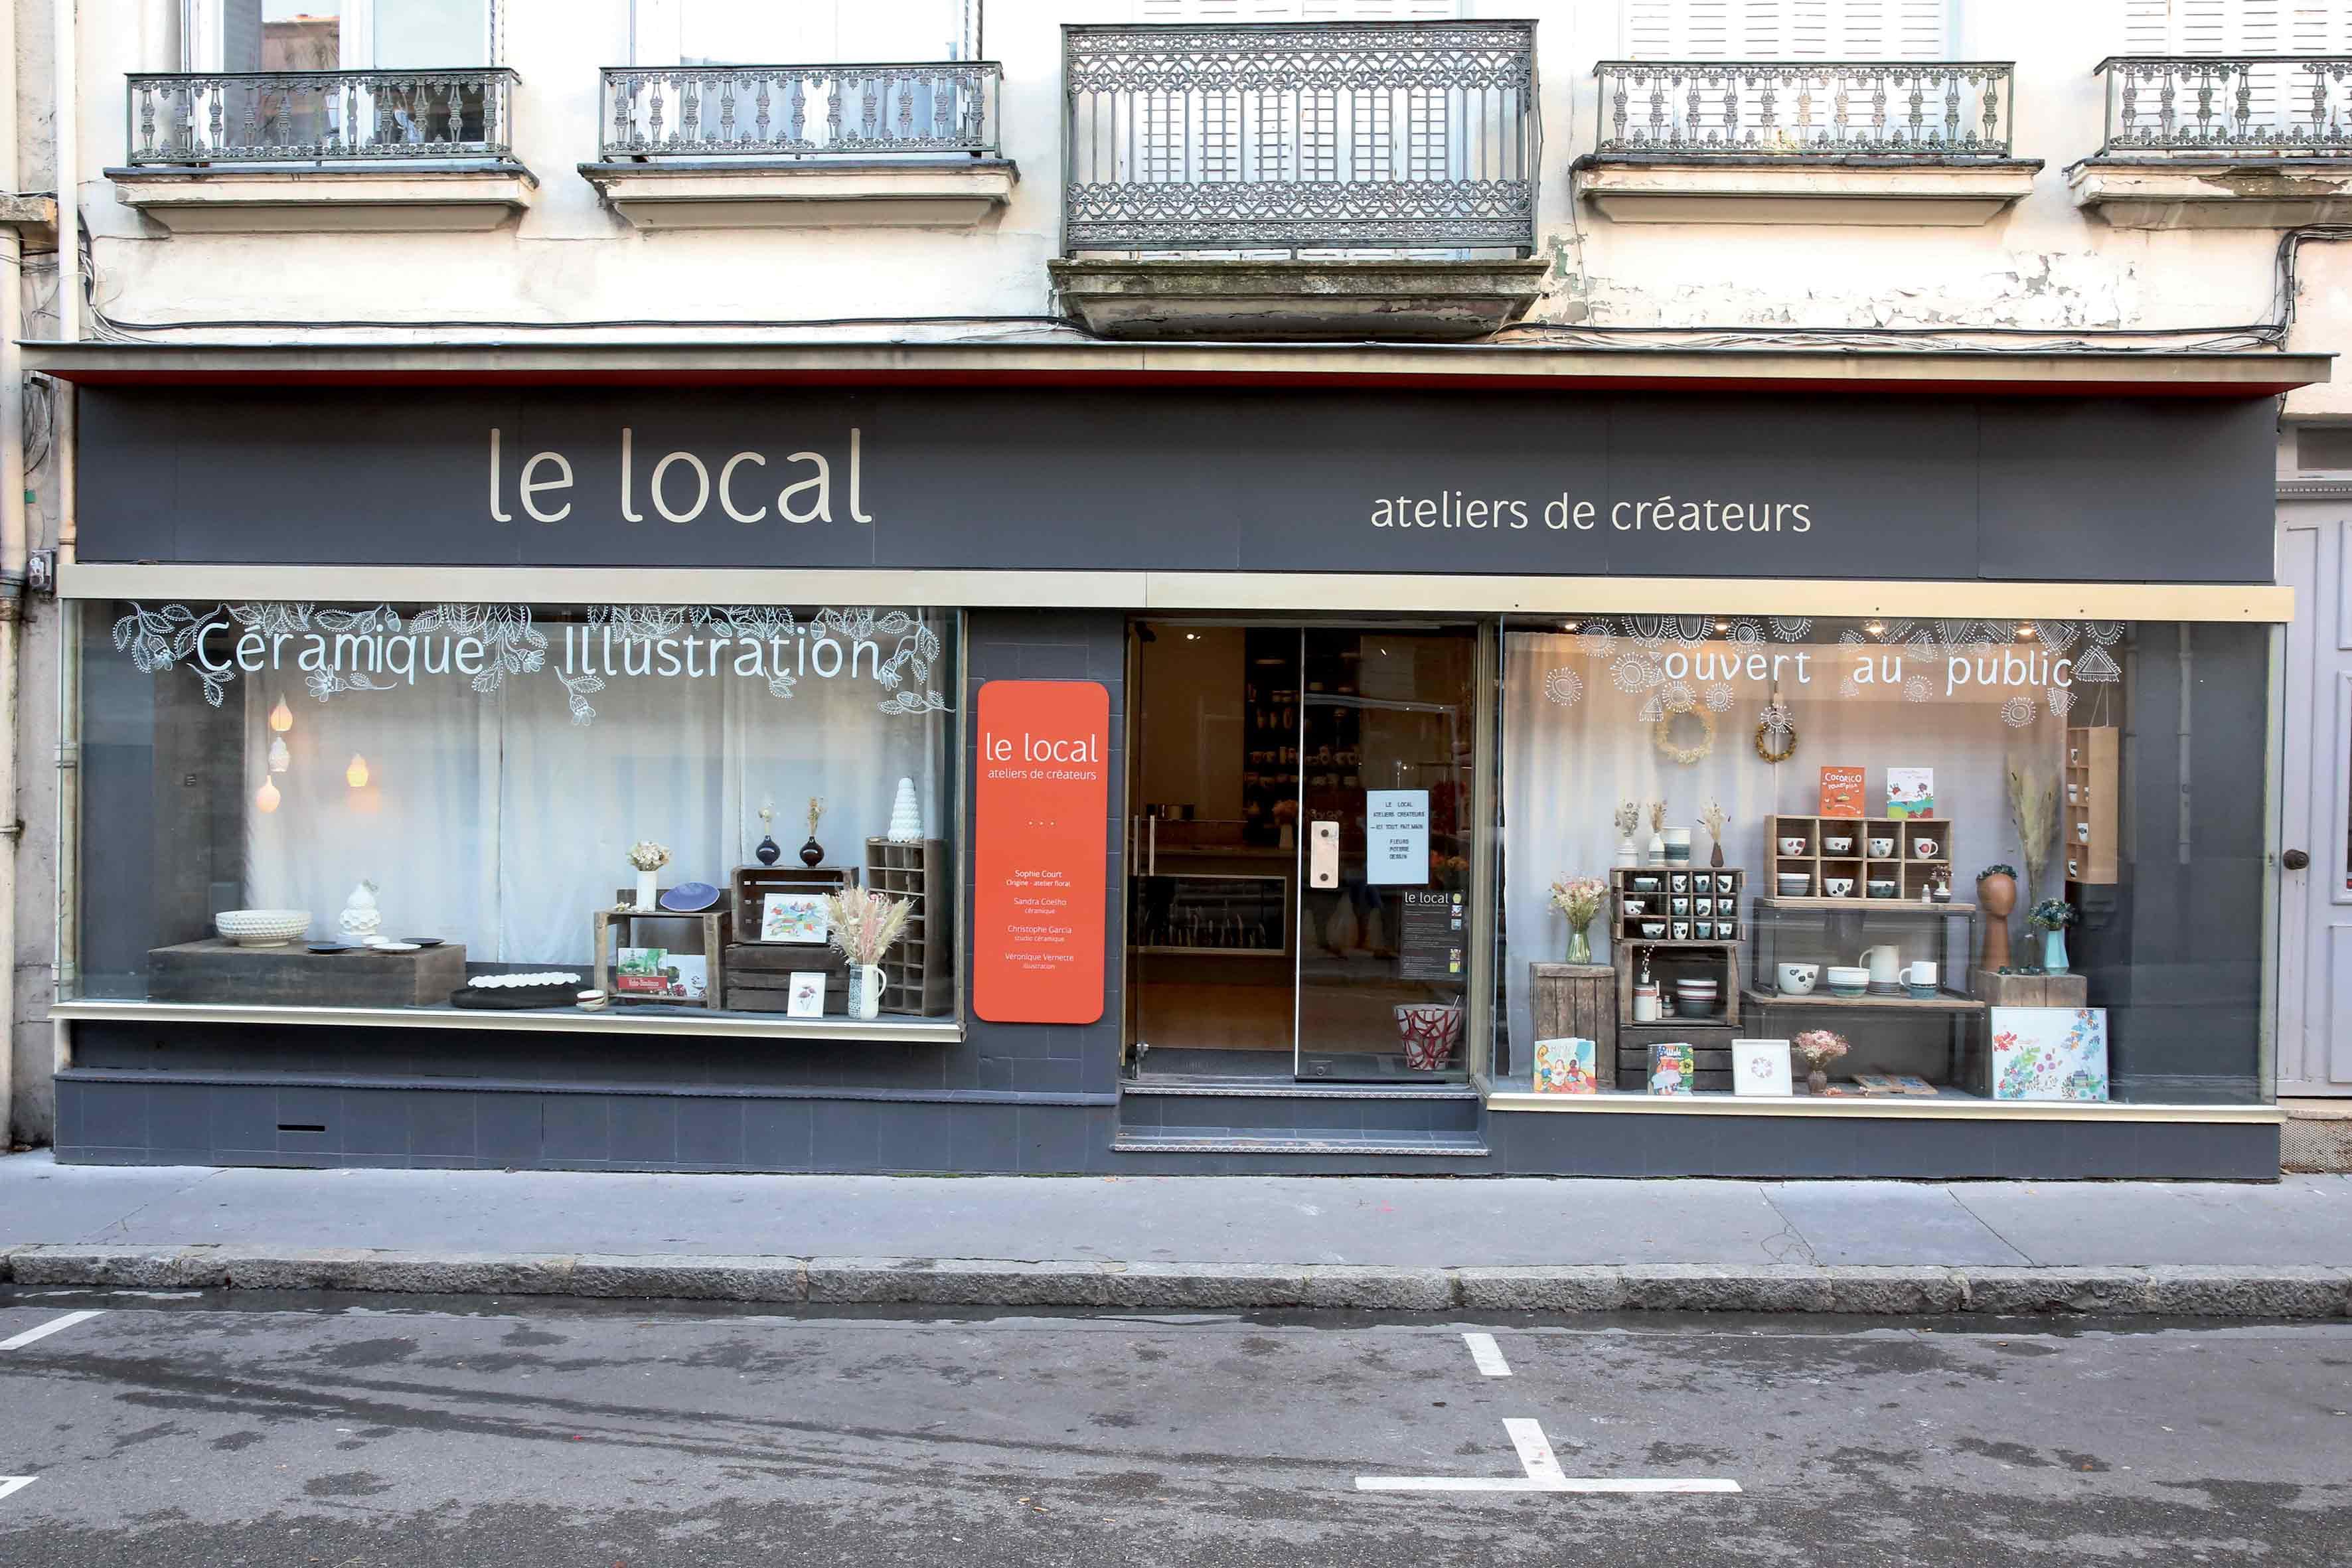 Atelier Créateurs Céramique Saint- Etienne